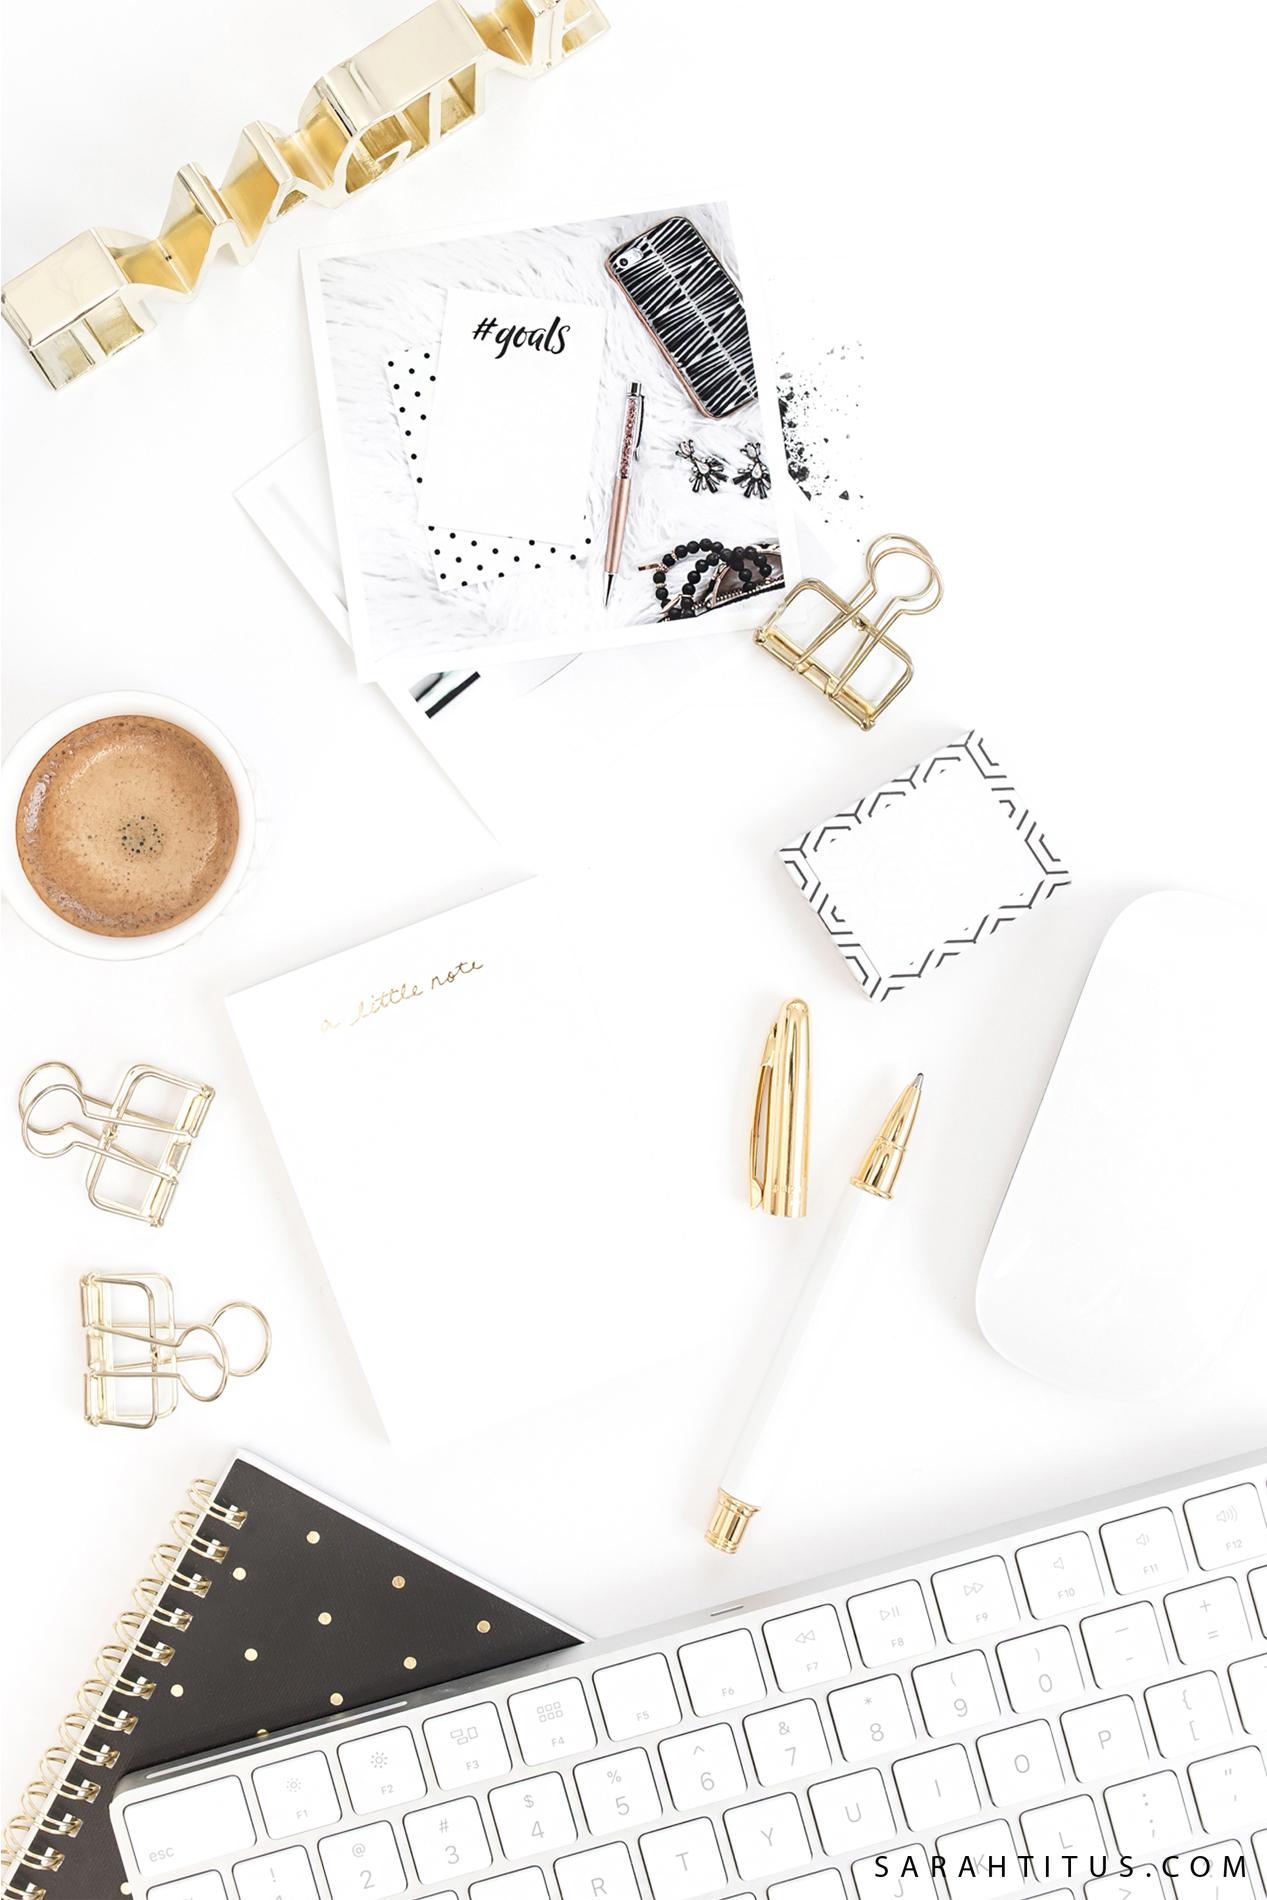 How Often Do I Post On My Blog?